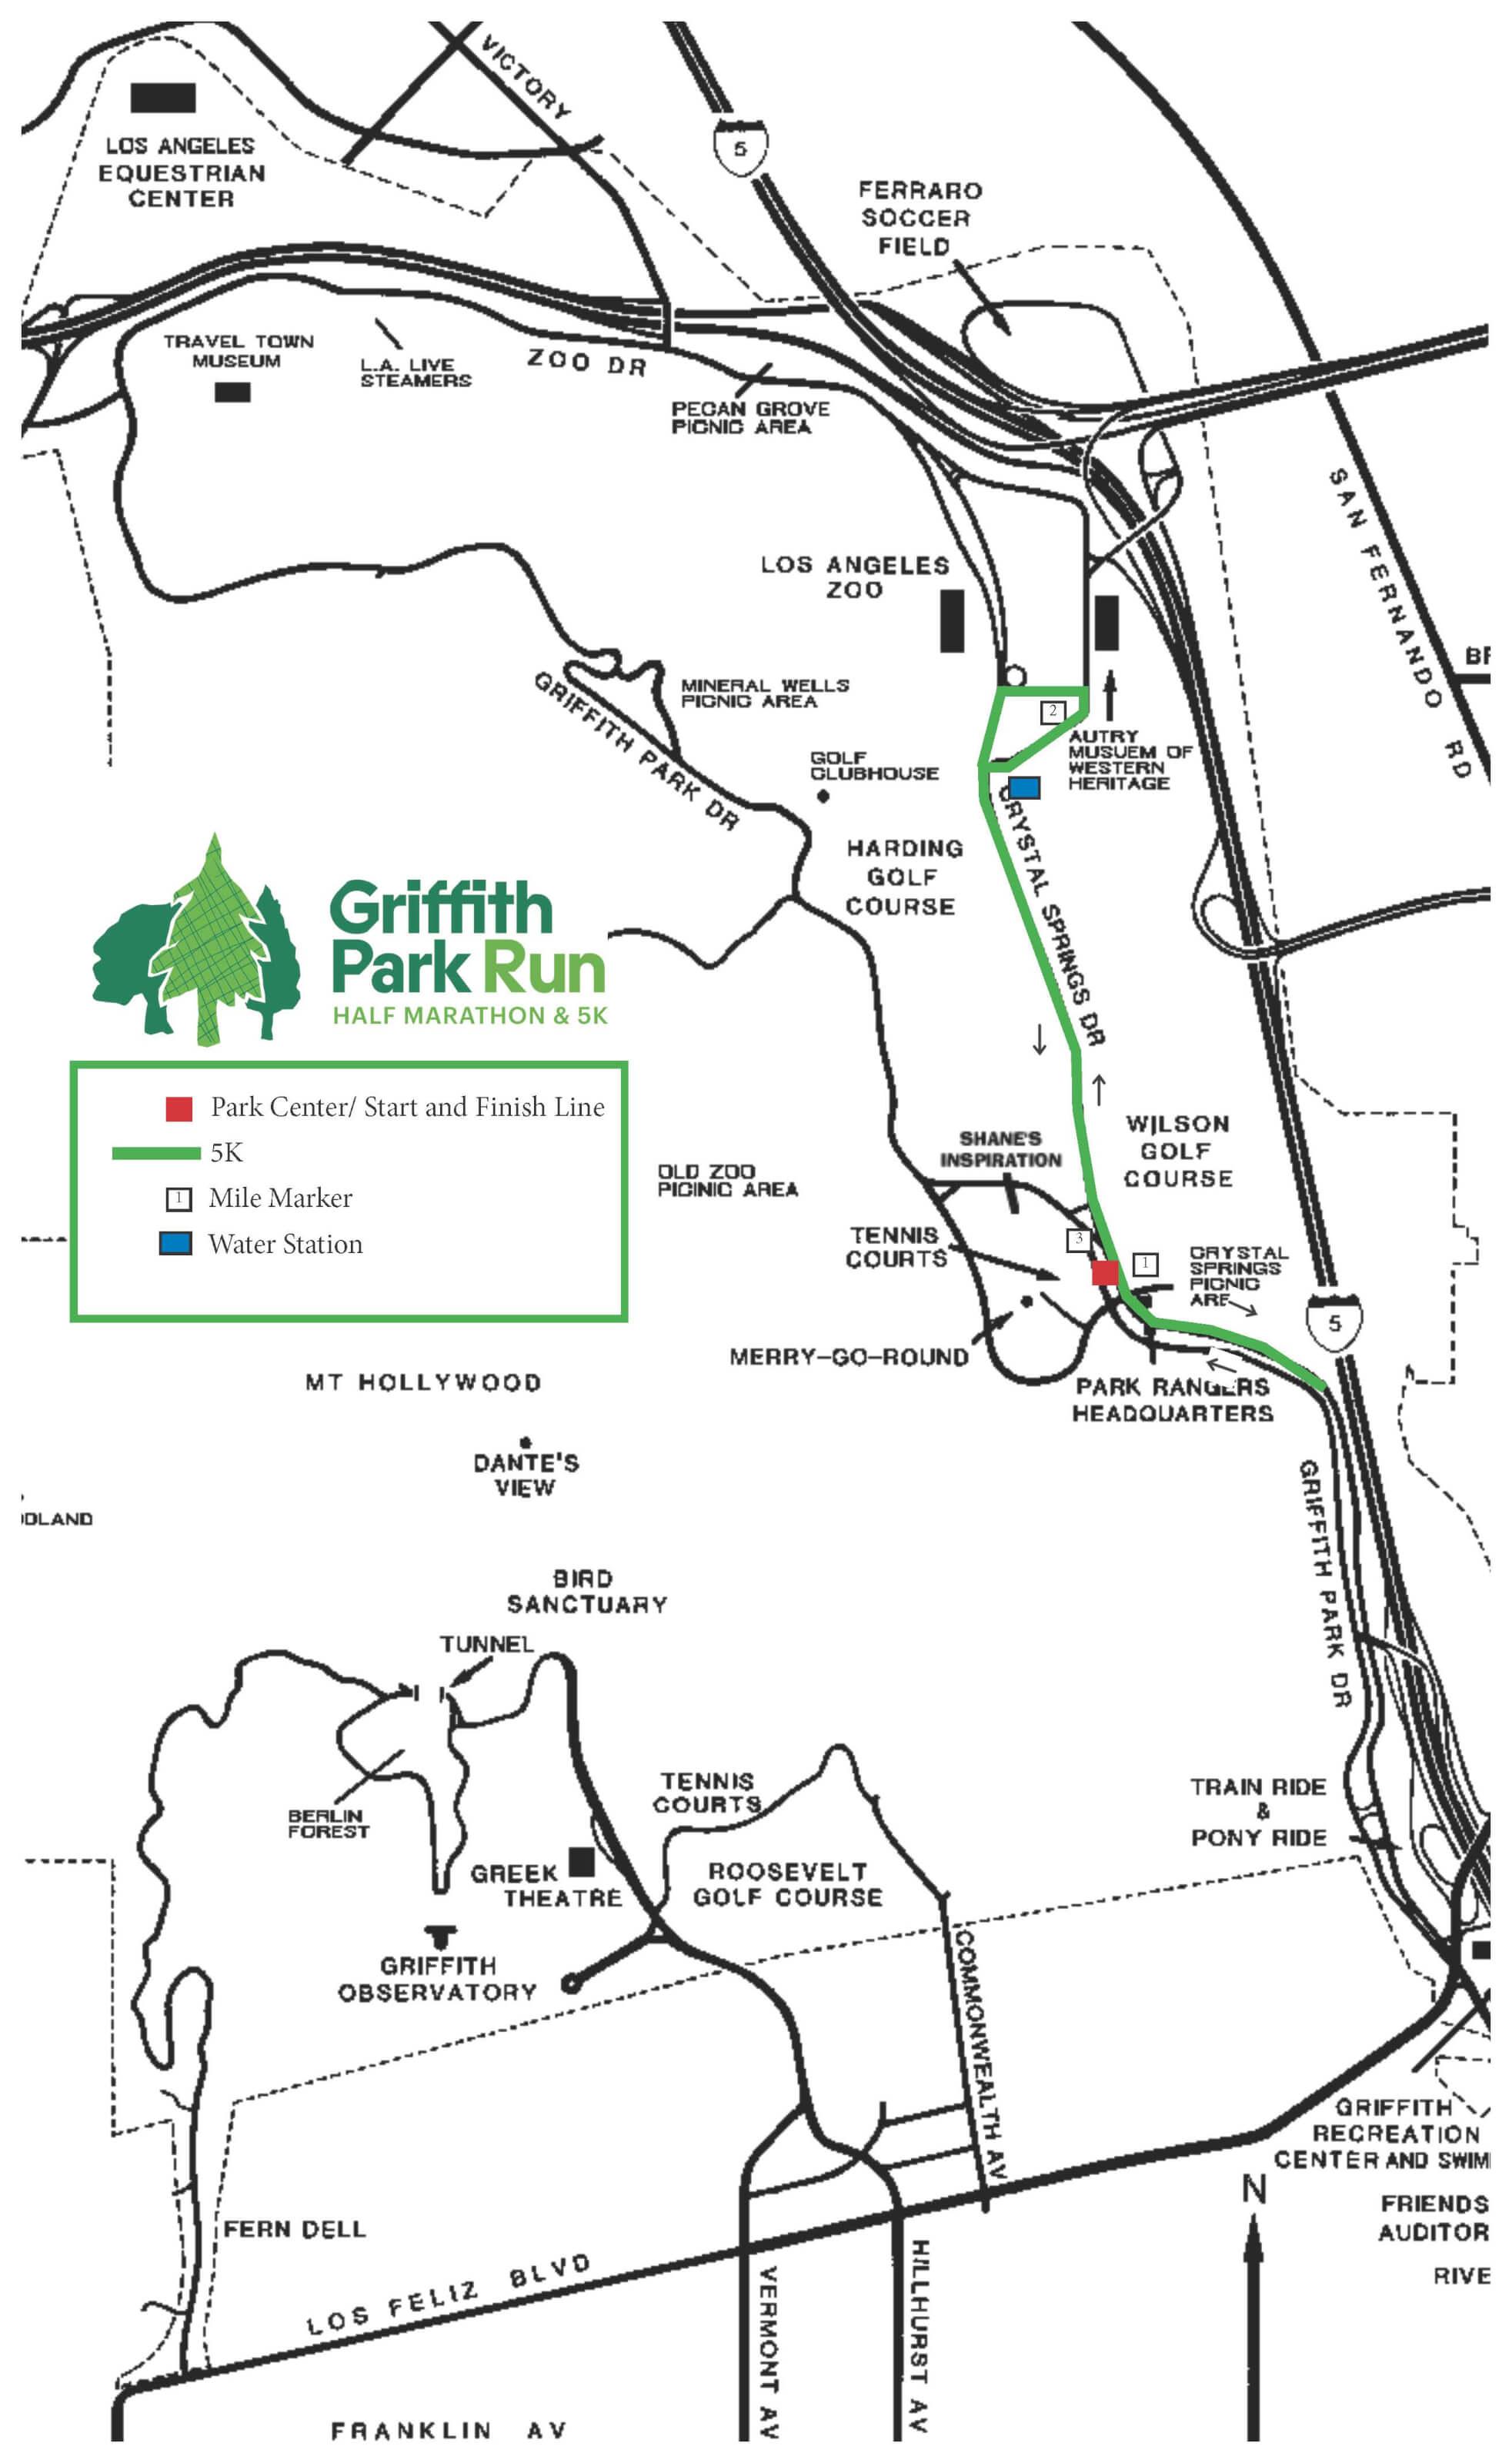 Griffith Park Los Angeles Map.2019 Griffith Park Half Marathon 5k Los Angeles Parks Foundation